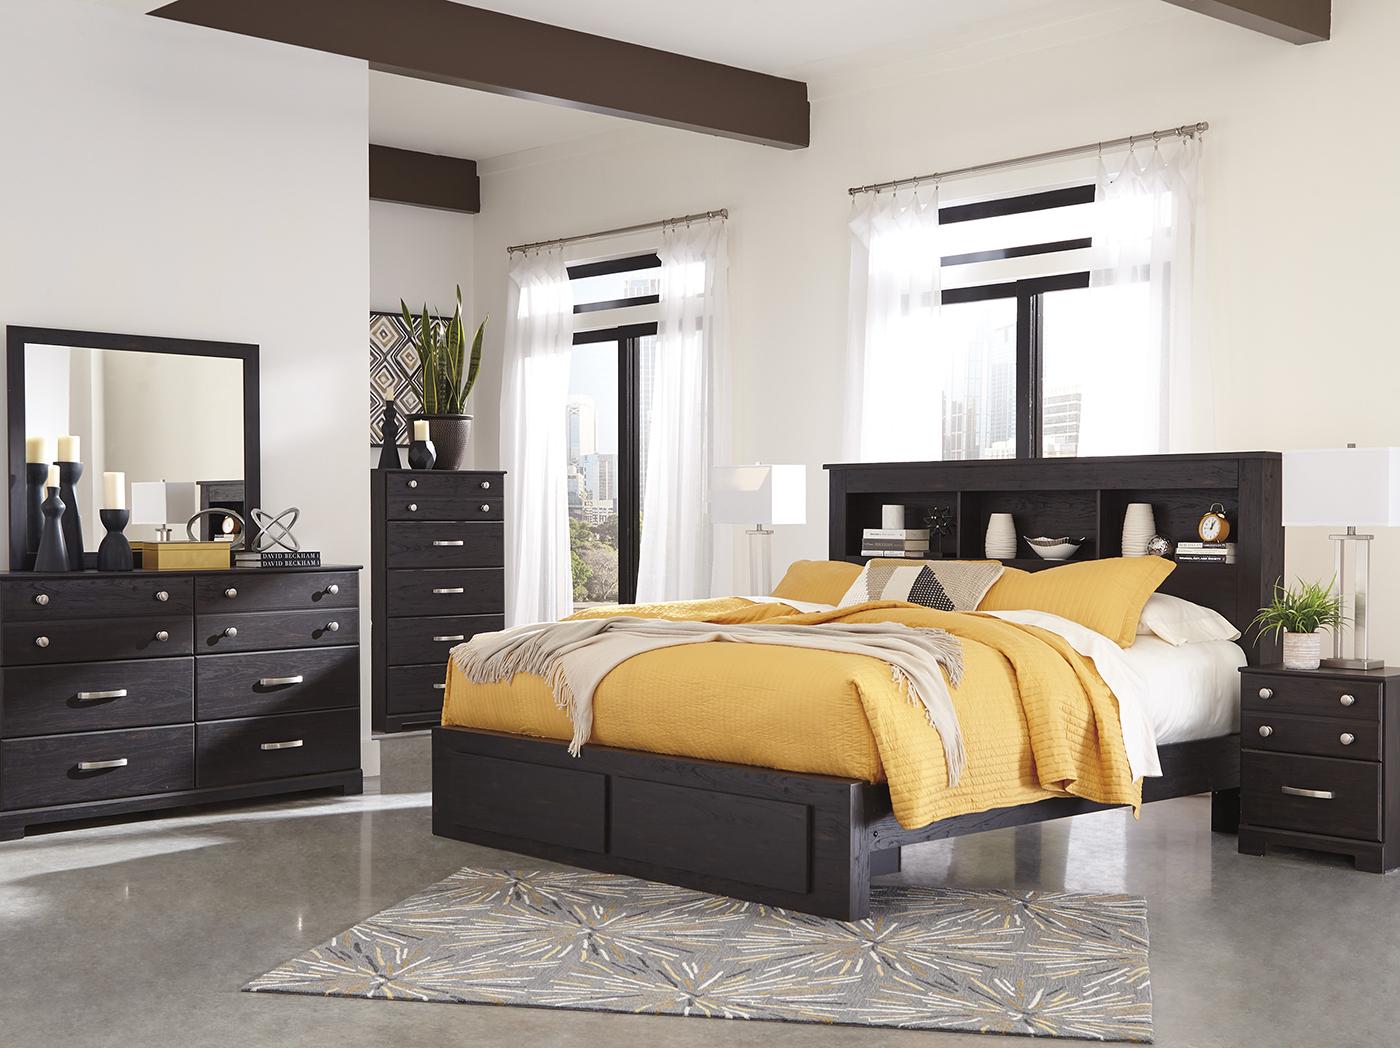 Reylow 3-pc. Queen Storage Bedroom Set